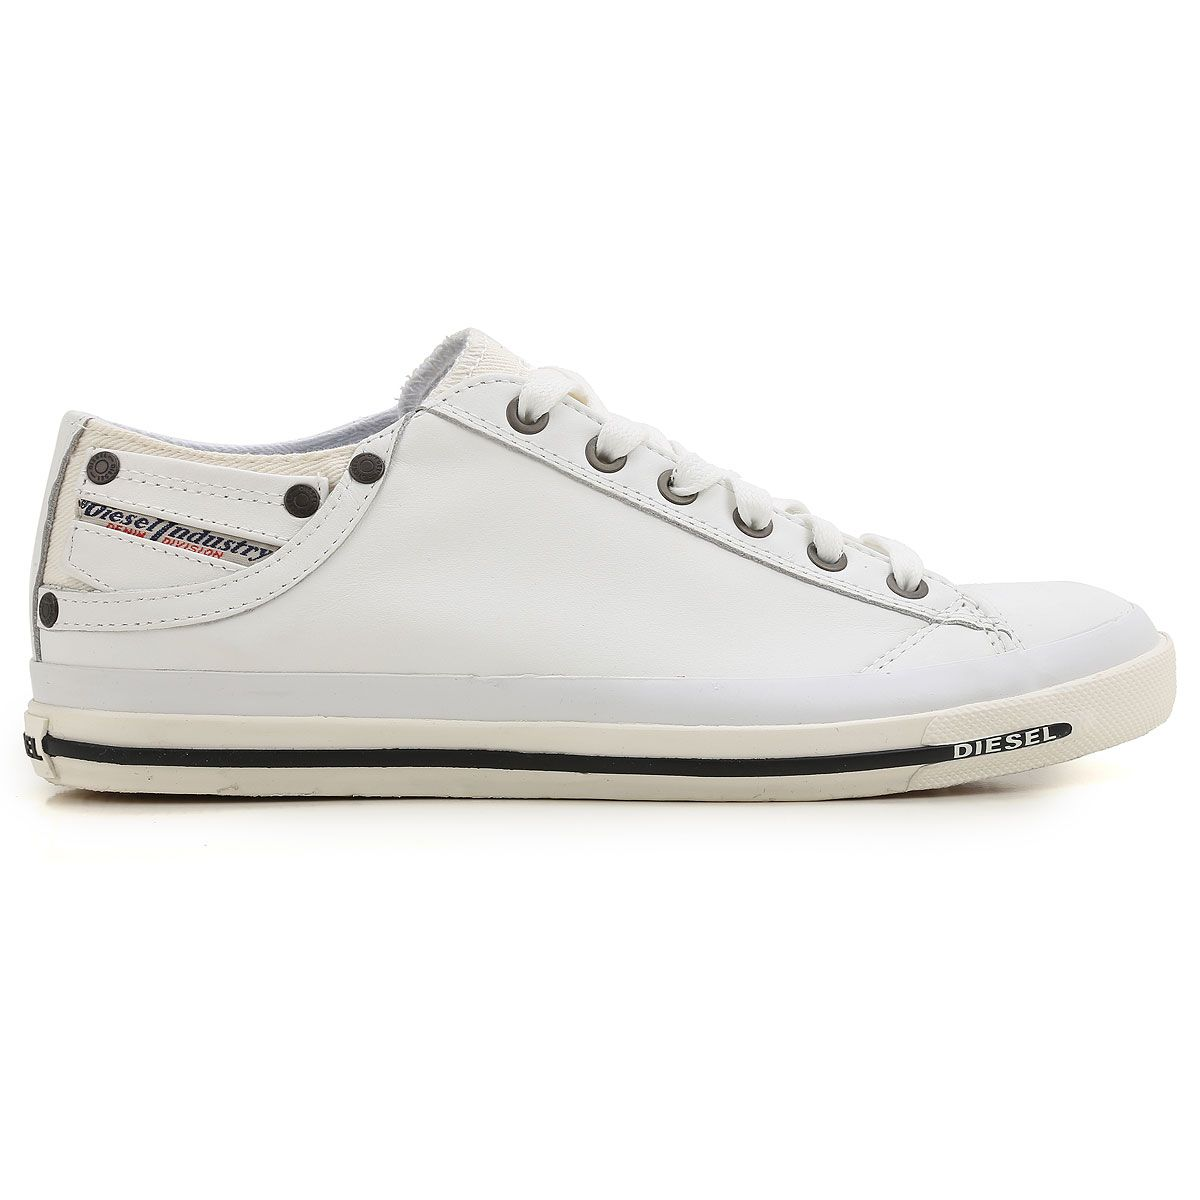 7ded320ed8f Ultima colección de Zapatos y Zapatillas Diesel